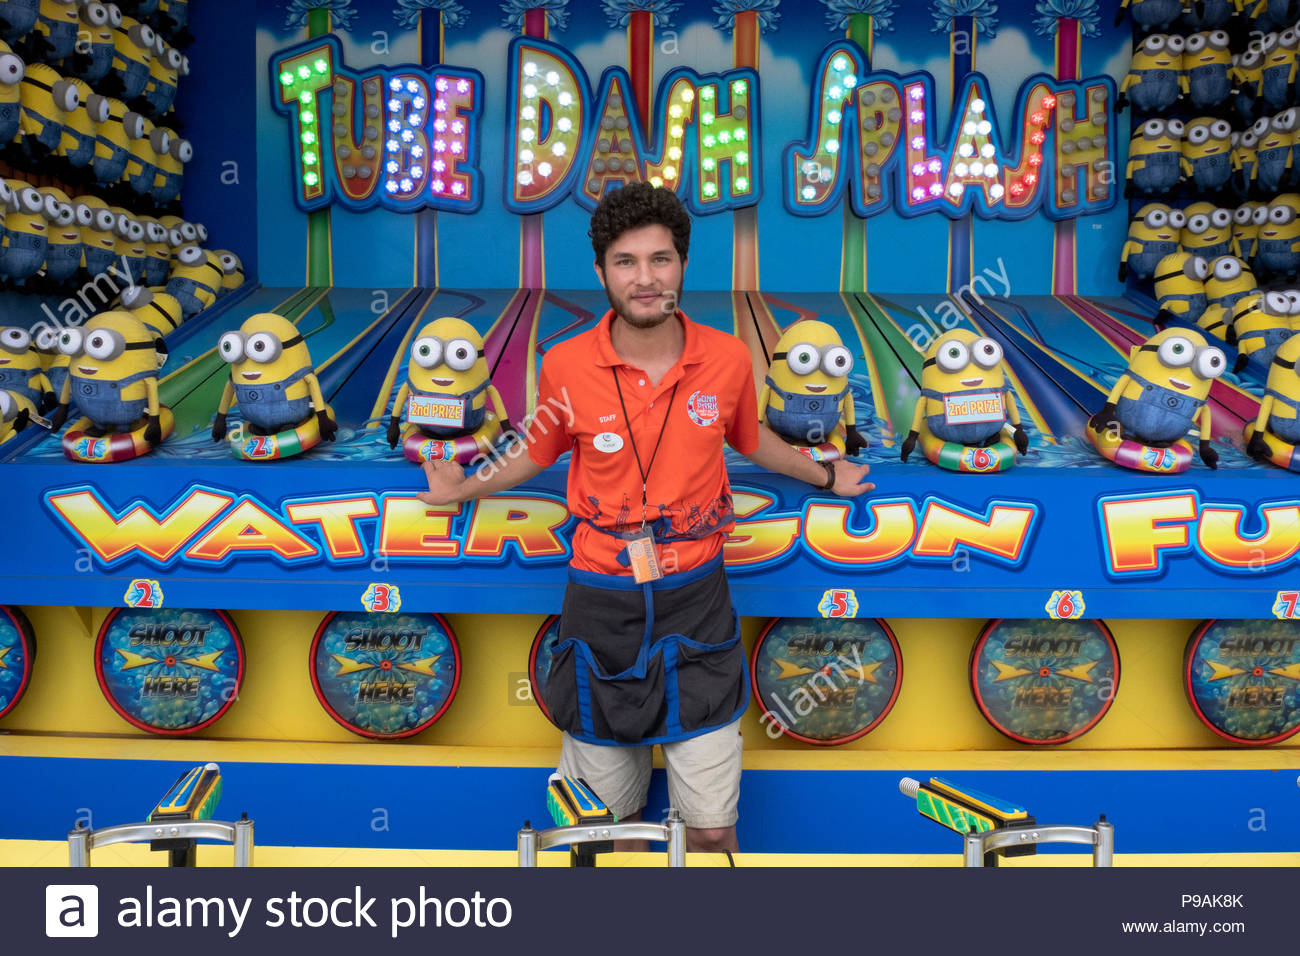 Porträt eines türkischen Studenten auf einen Sommerjob bei einer Unterhaltung Spiel auf der Promenade in Coney Island, Brooklyn, New York City Stockbild